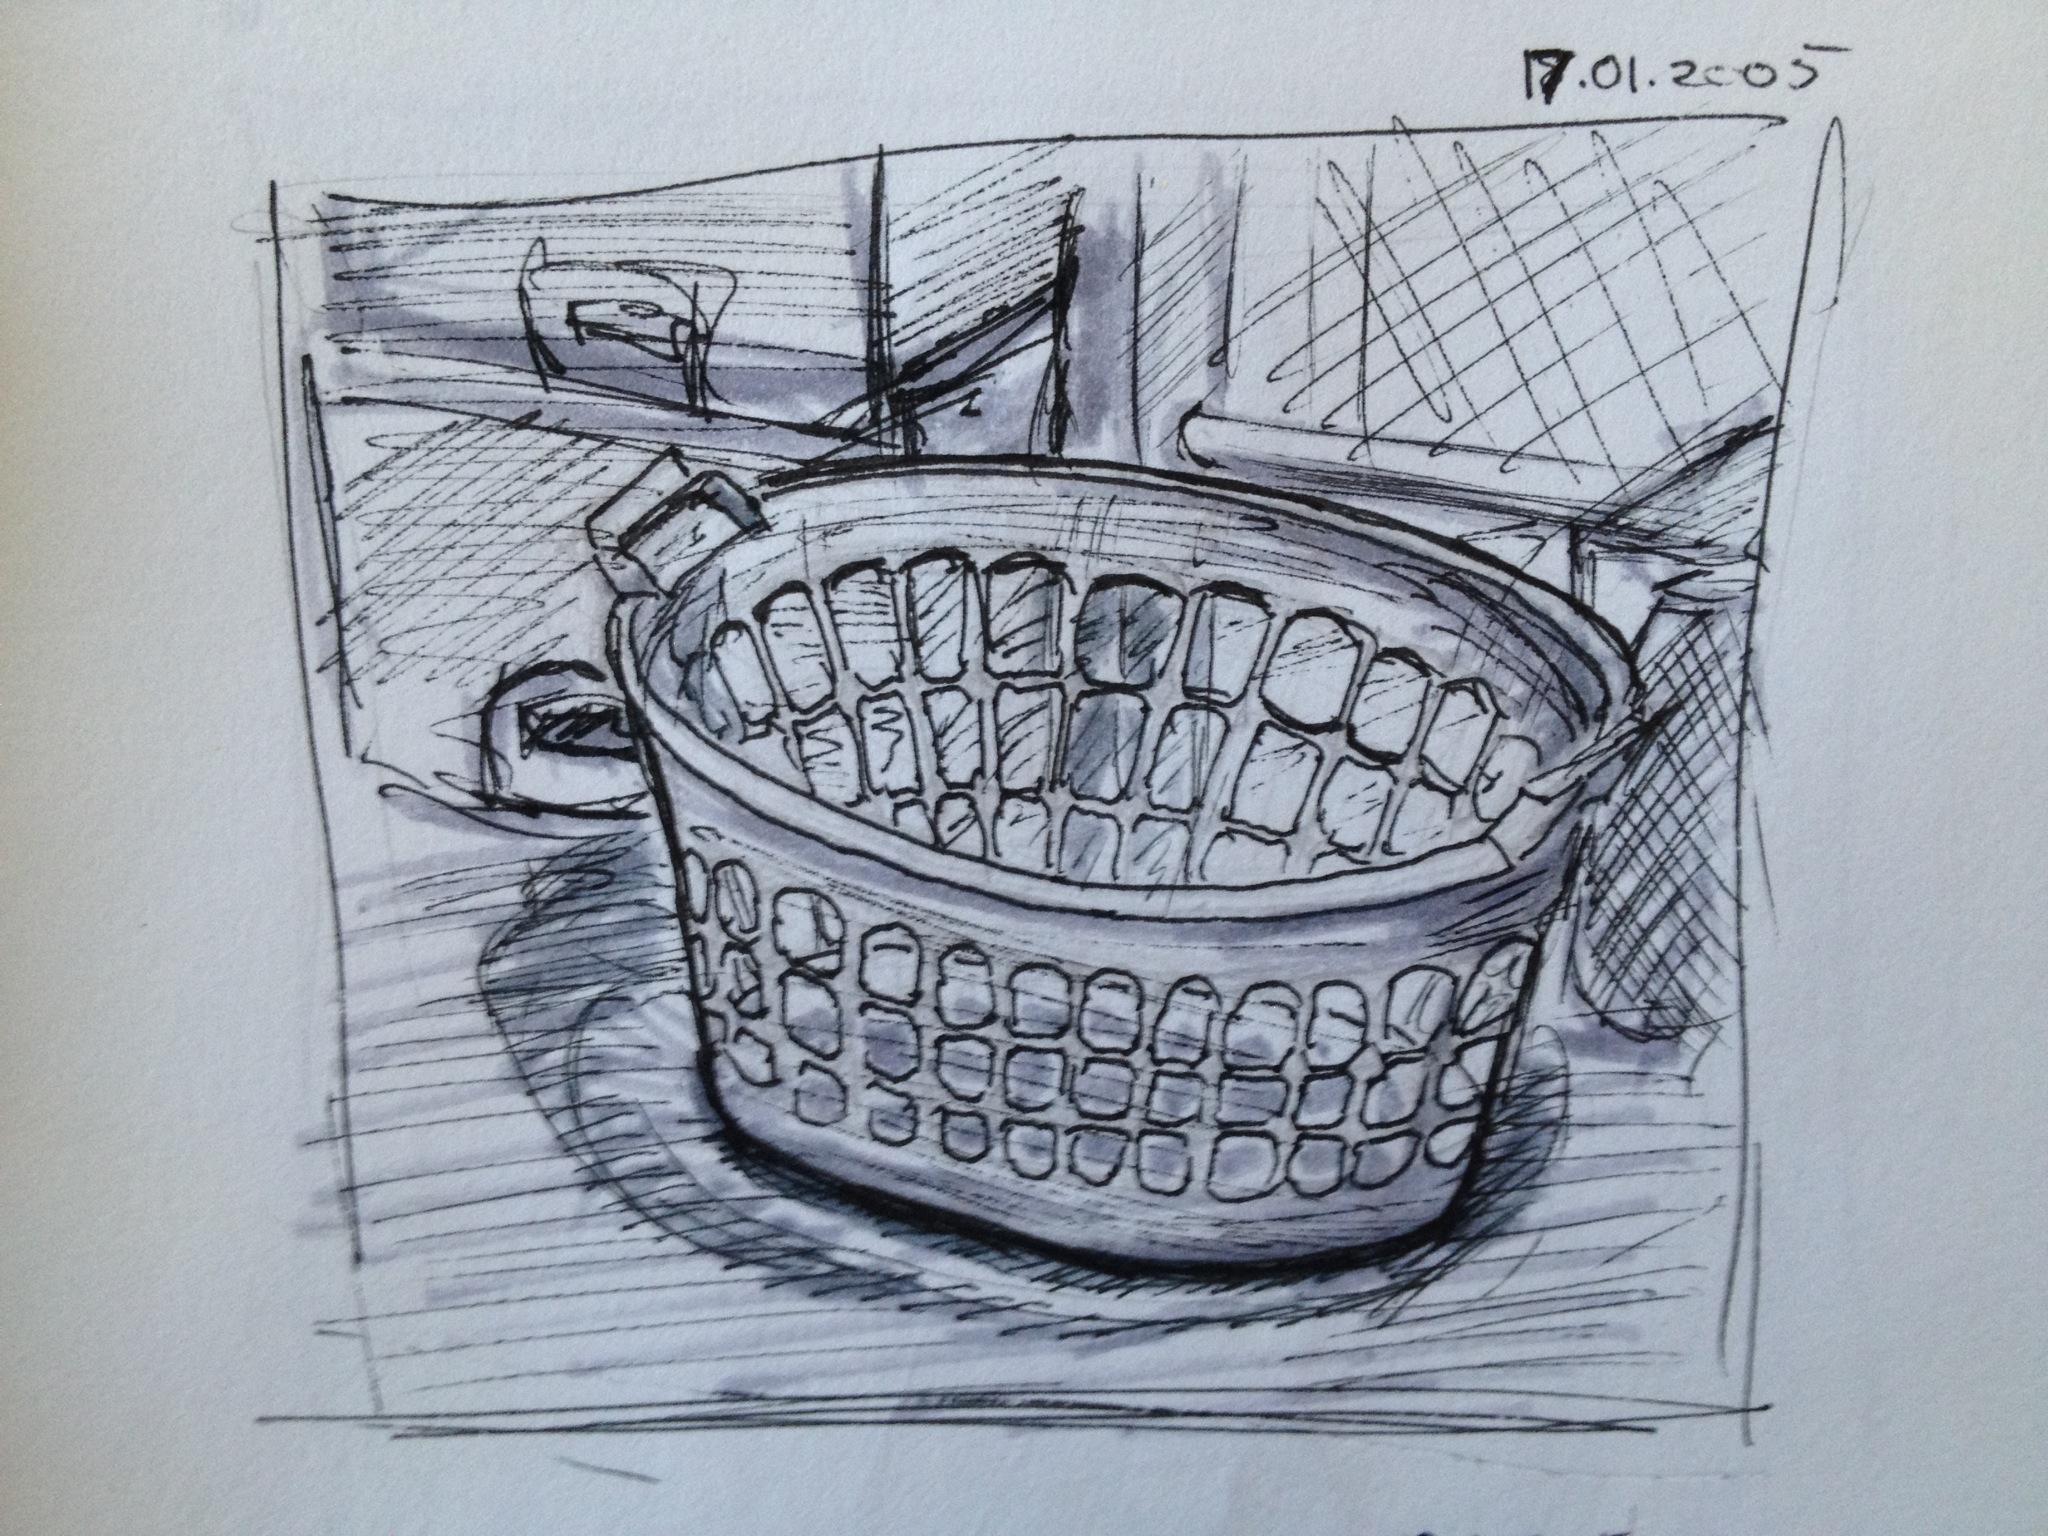 2048x1536 Laundry Basket